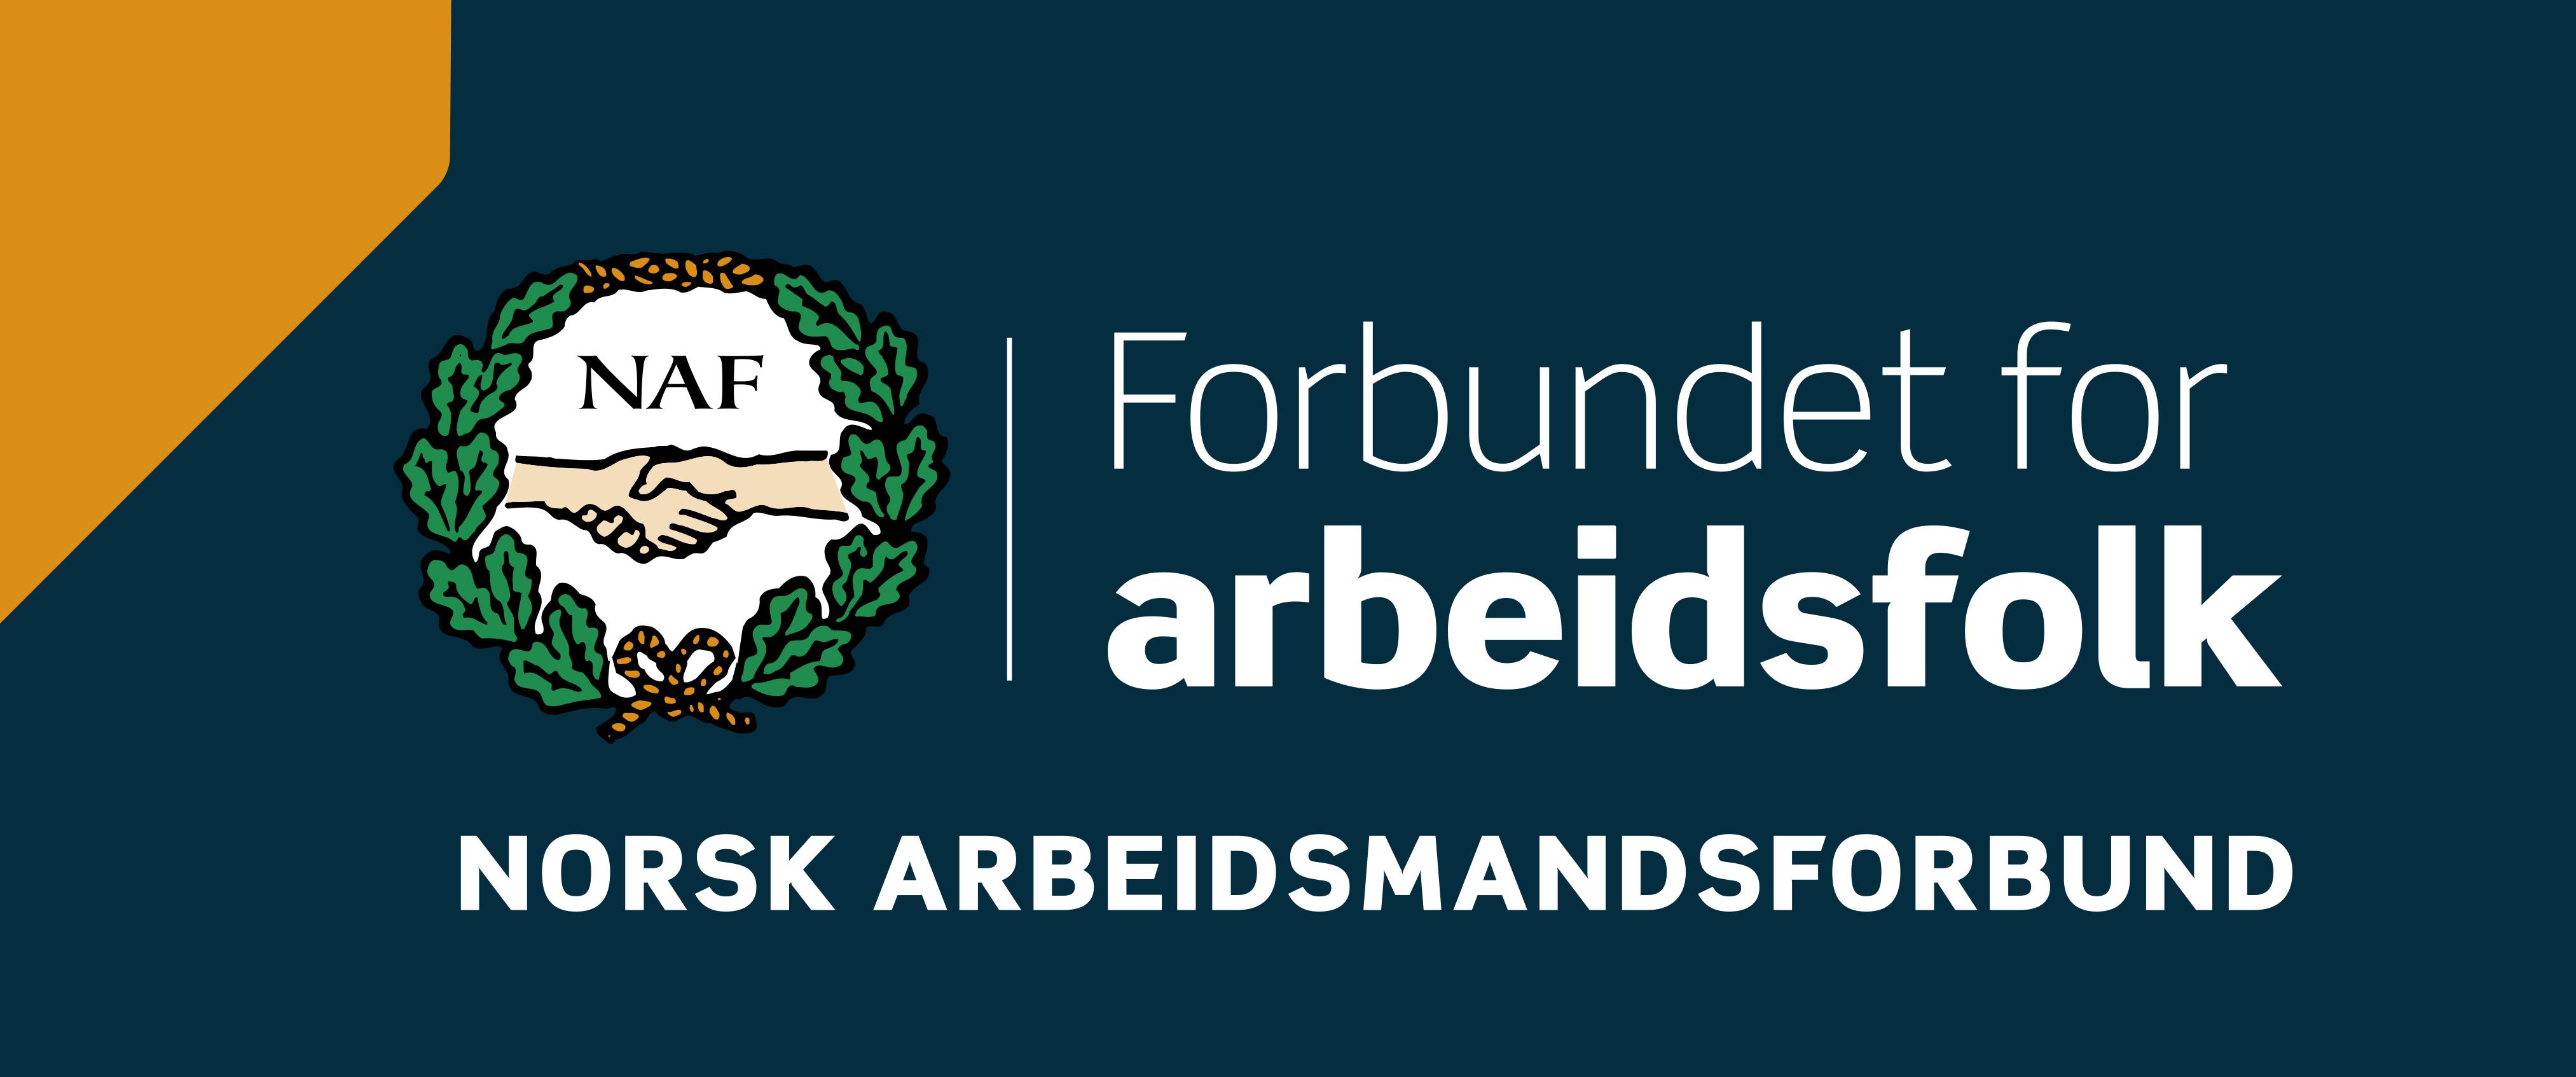 Norsk Arbeidsmandsforbund Logo